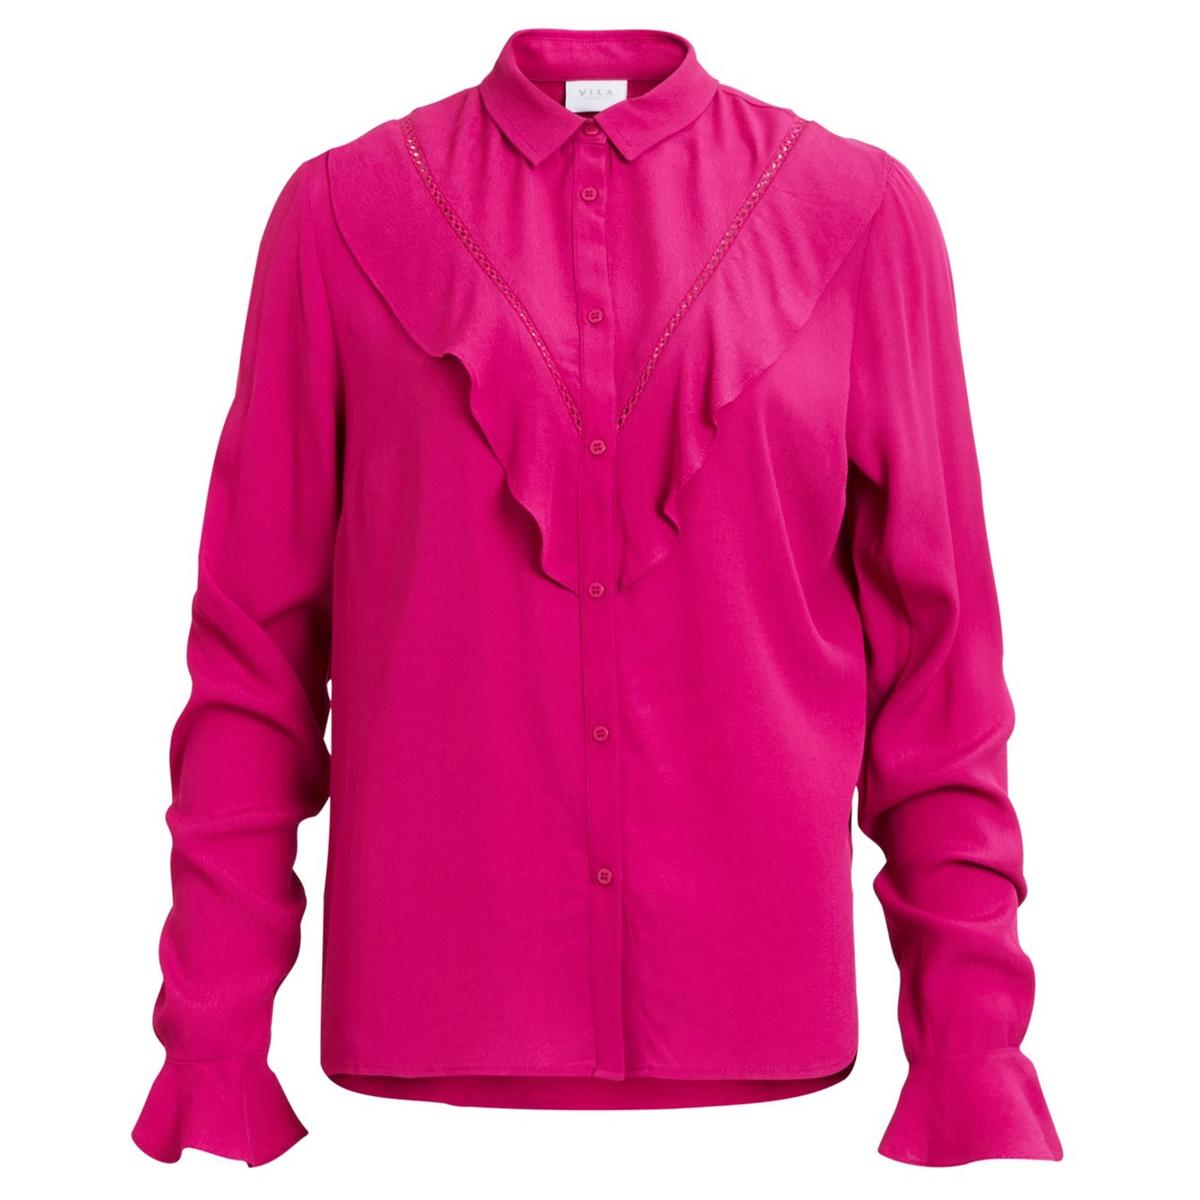 Рубашка с воротником-стойка с длинными рукавамиОписание:Детали •  Длинные рукава •  Прямой покрой •  Стоячий воротникСостав и уход •  100% вискоза  •  Следуйте советам по уходу, указанным на этикетке<br><br>Цвет: фуксия